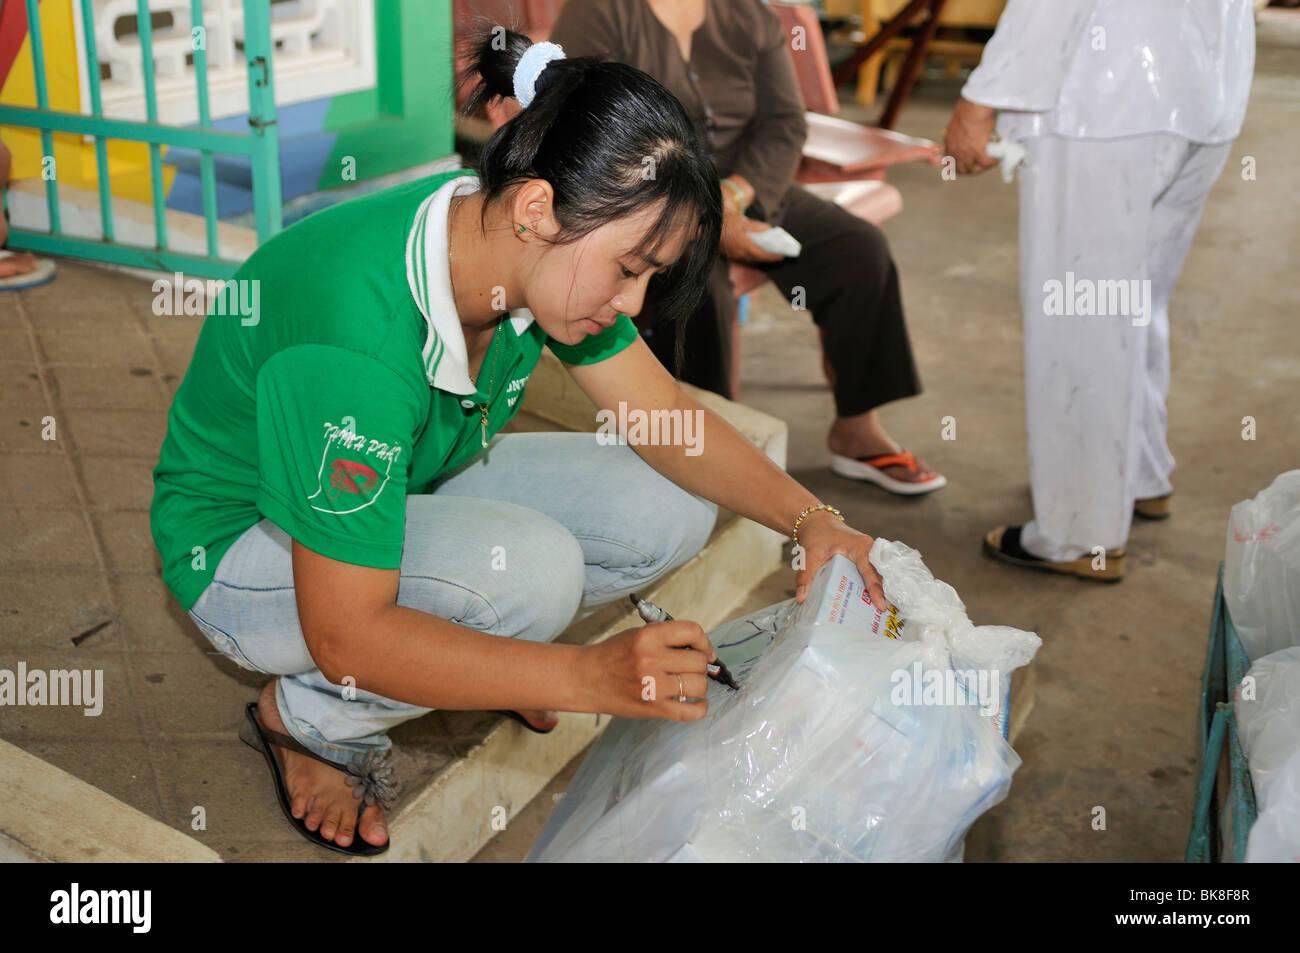 L'étiquetage, commis un paquet de sauce de poisson, de Nuoc Mam Phu Quoc, Vietnam, Asie Photo Stock